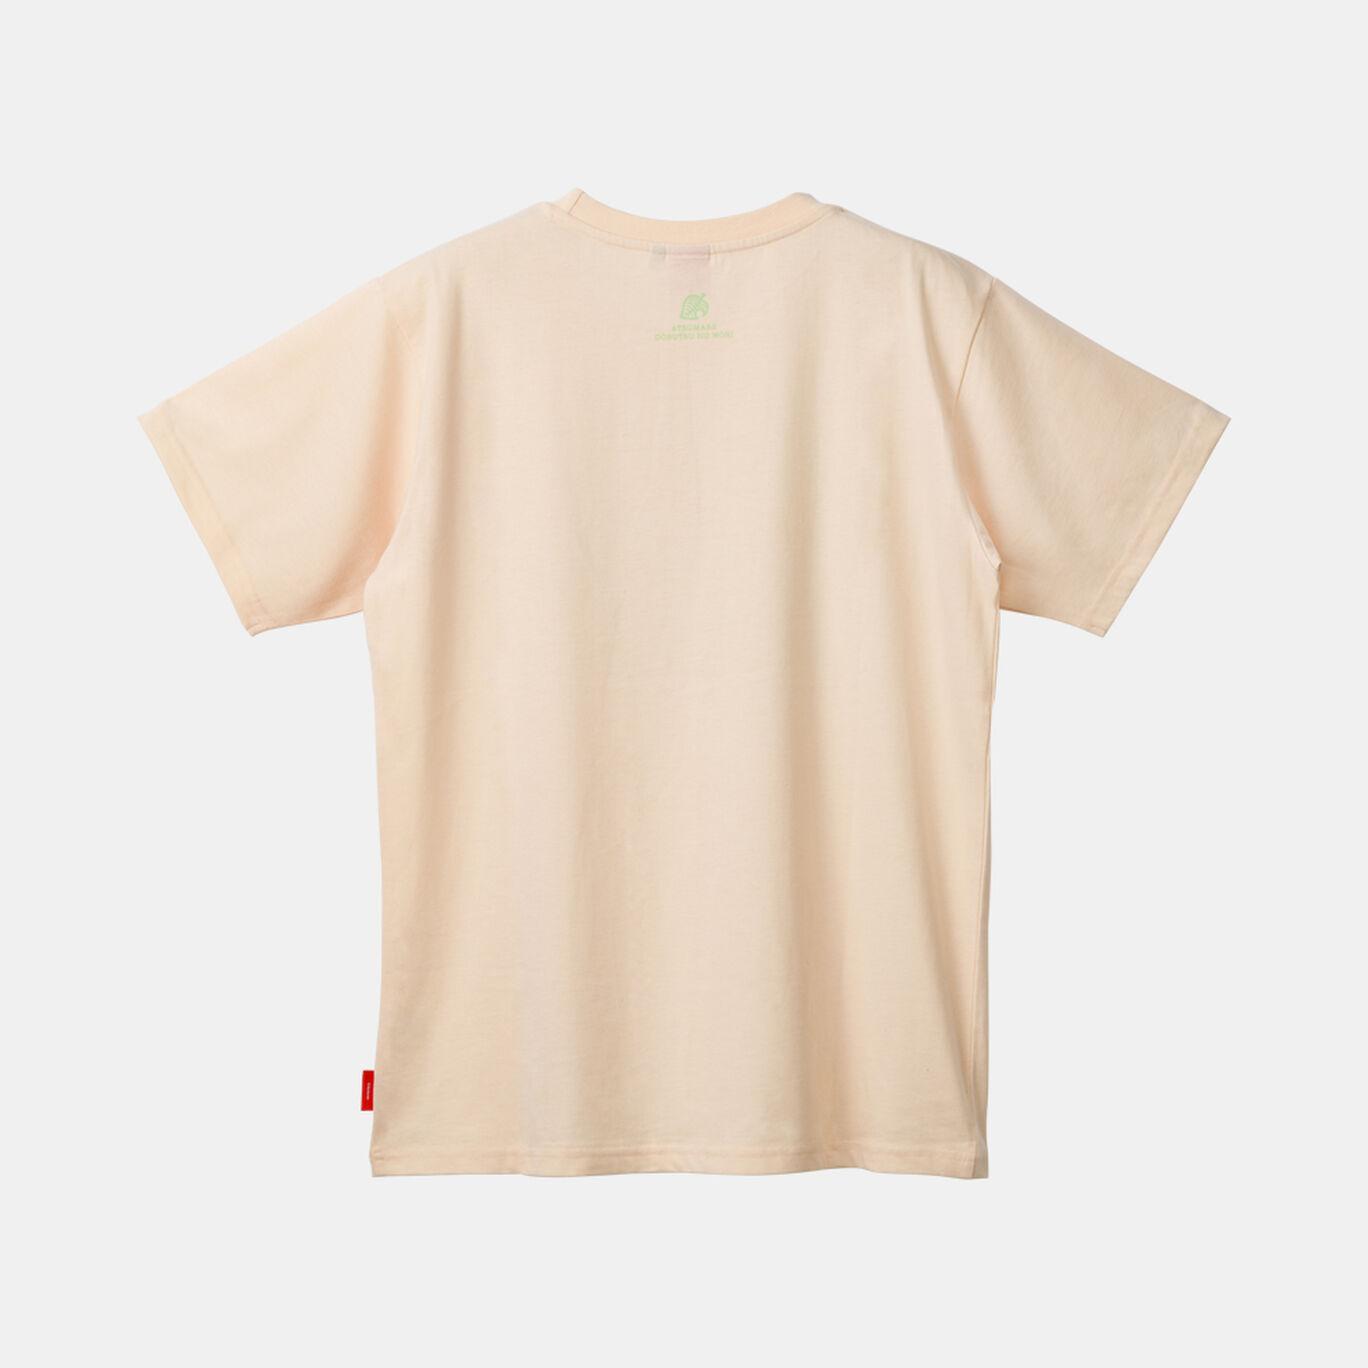 TシャツA 130 あつまれ どうぶつの森【Nintendo TOKYO取り扱い商品】